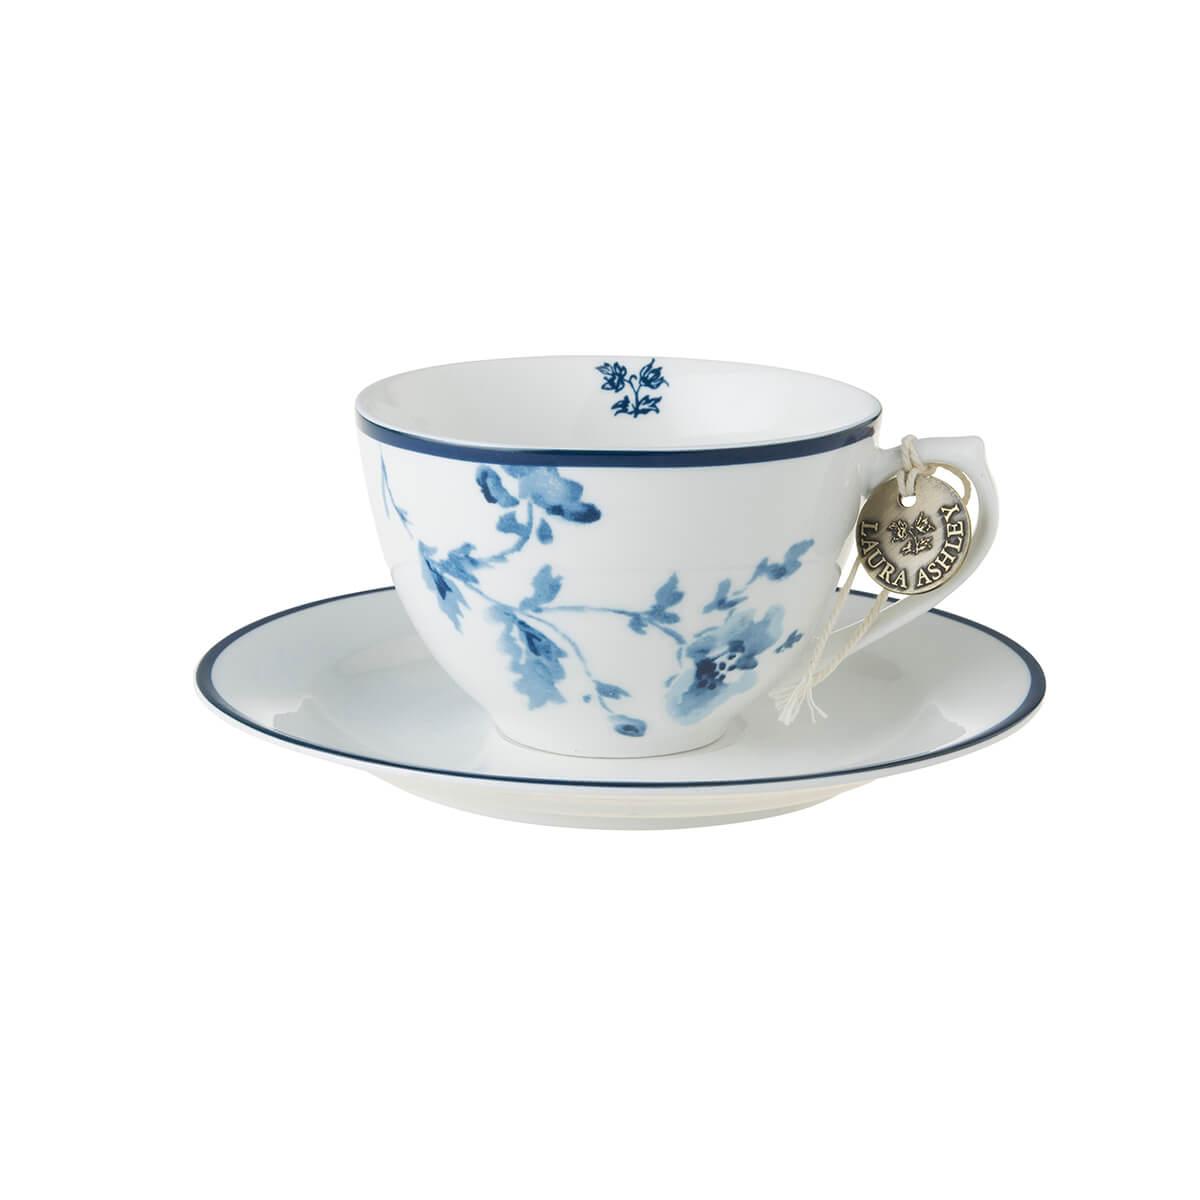 Онлайн каталог PROMENU: Набор: чашка с блюдцем Laura Ashley BLUEPRINT, 2 предмета, белый с синими розами Laura Ashley 178678